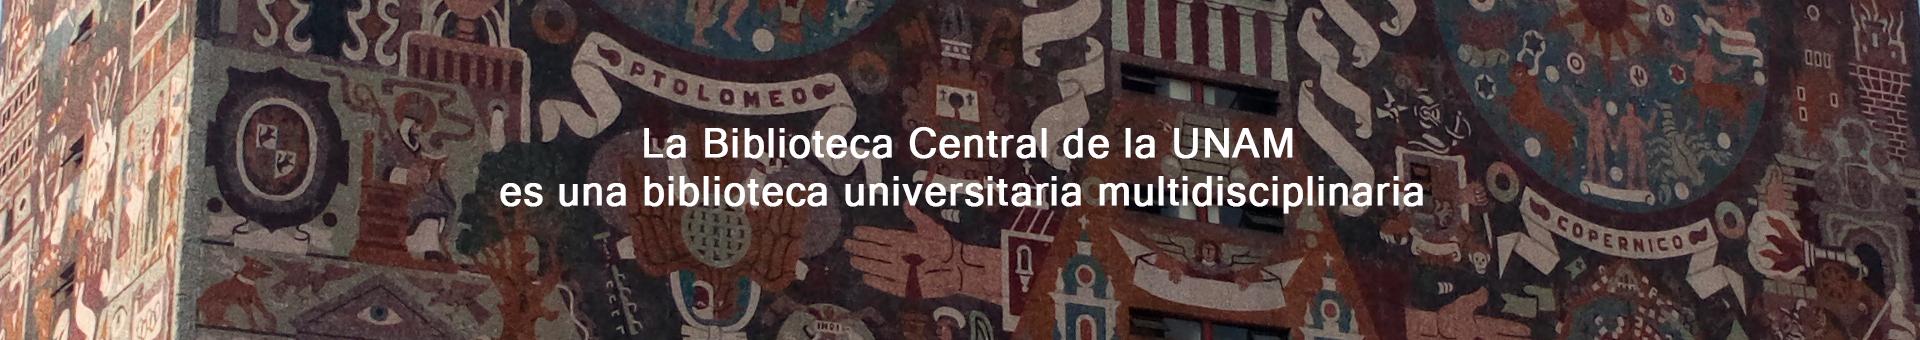 La Biblioteca Central UNAM